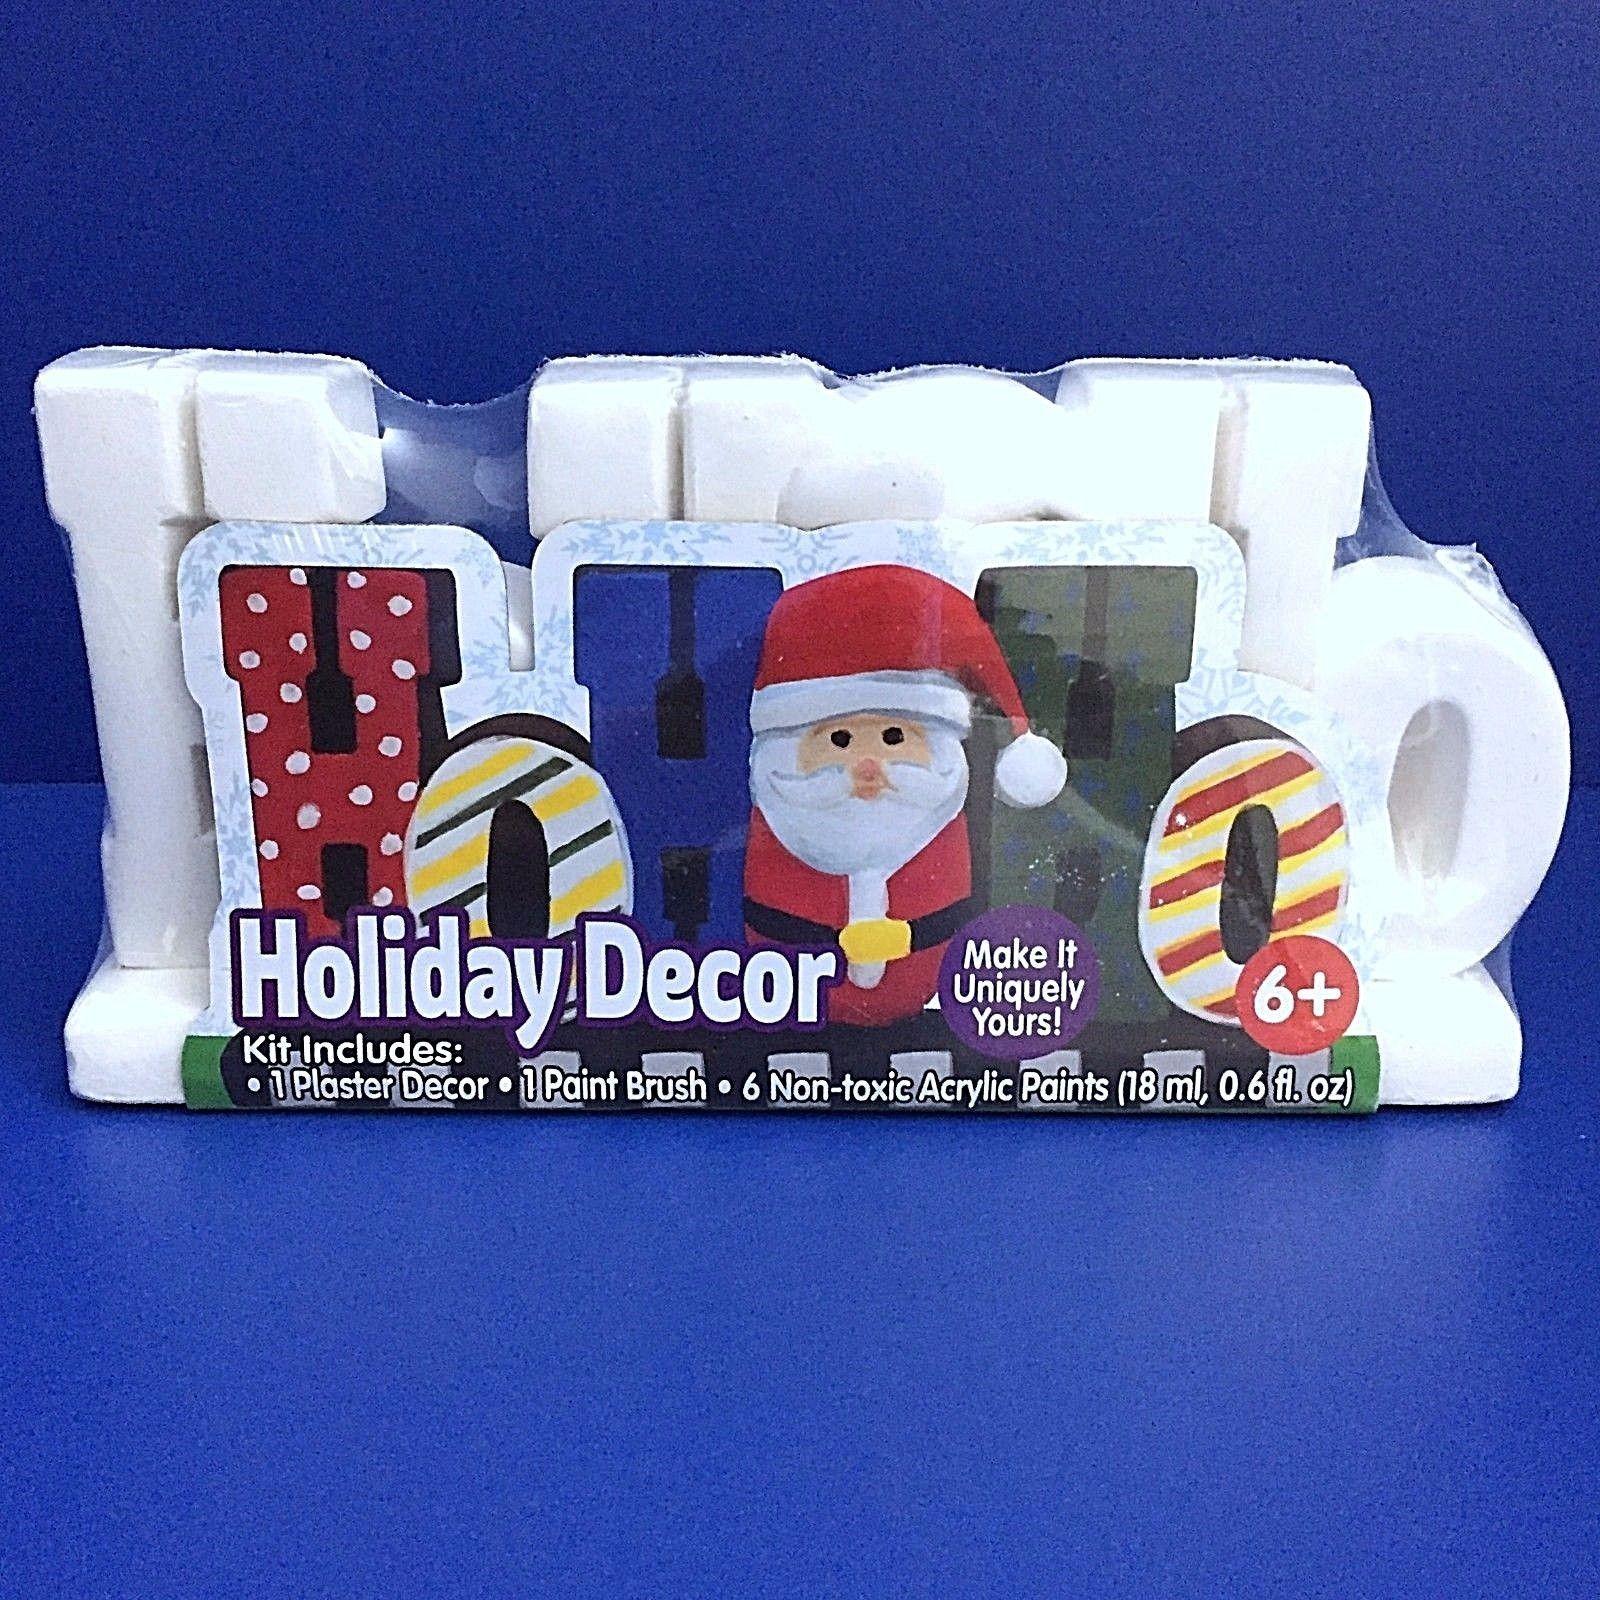 ea9f2b18dc2b9 Santa Ho Ho Ho Holiday Plaster Decor Acrylic and 50 similar items. S l1600